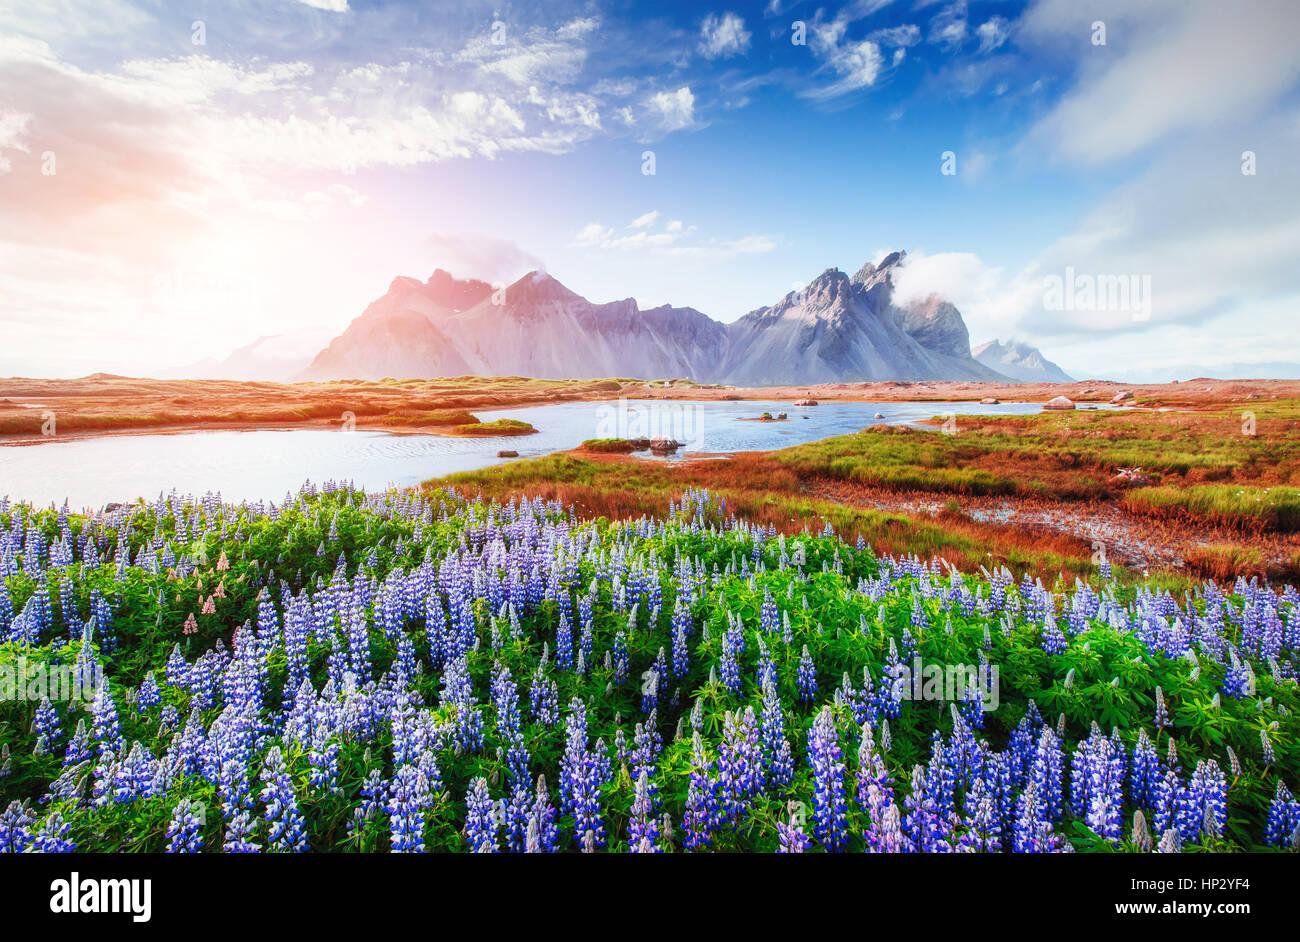 El pintoresco paisaje de bosques y montañas de Islandia. Imagen De Stock